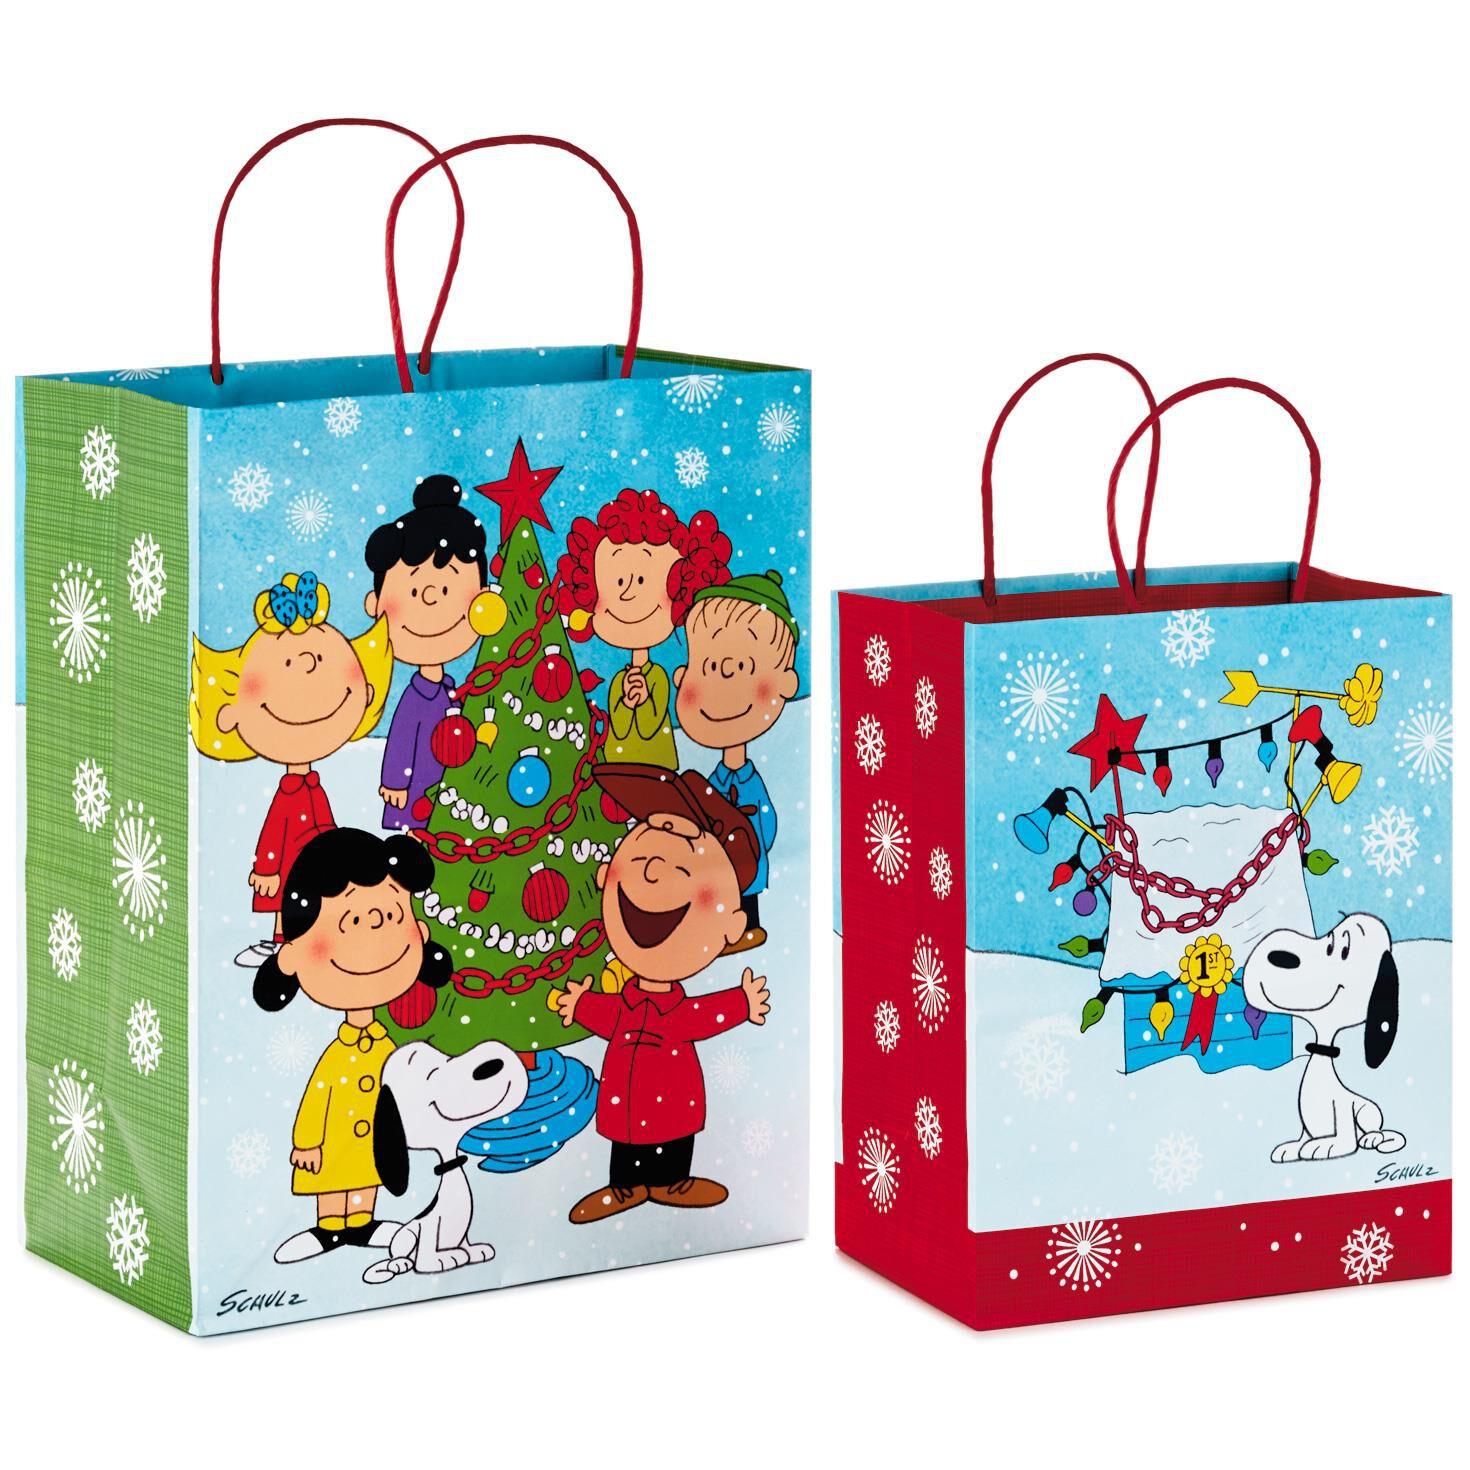 Peanuts christmas gift bag